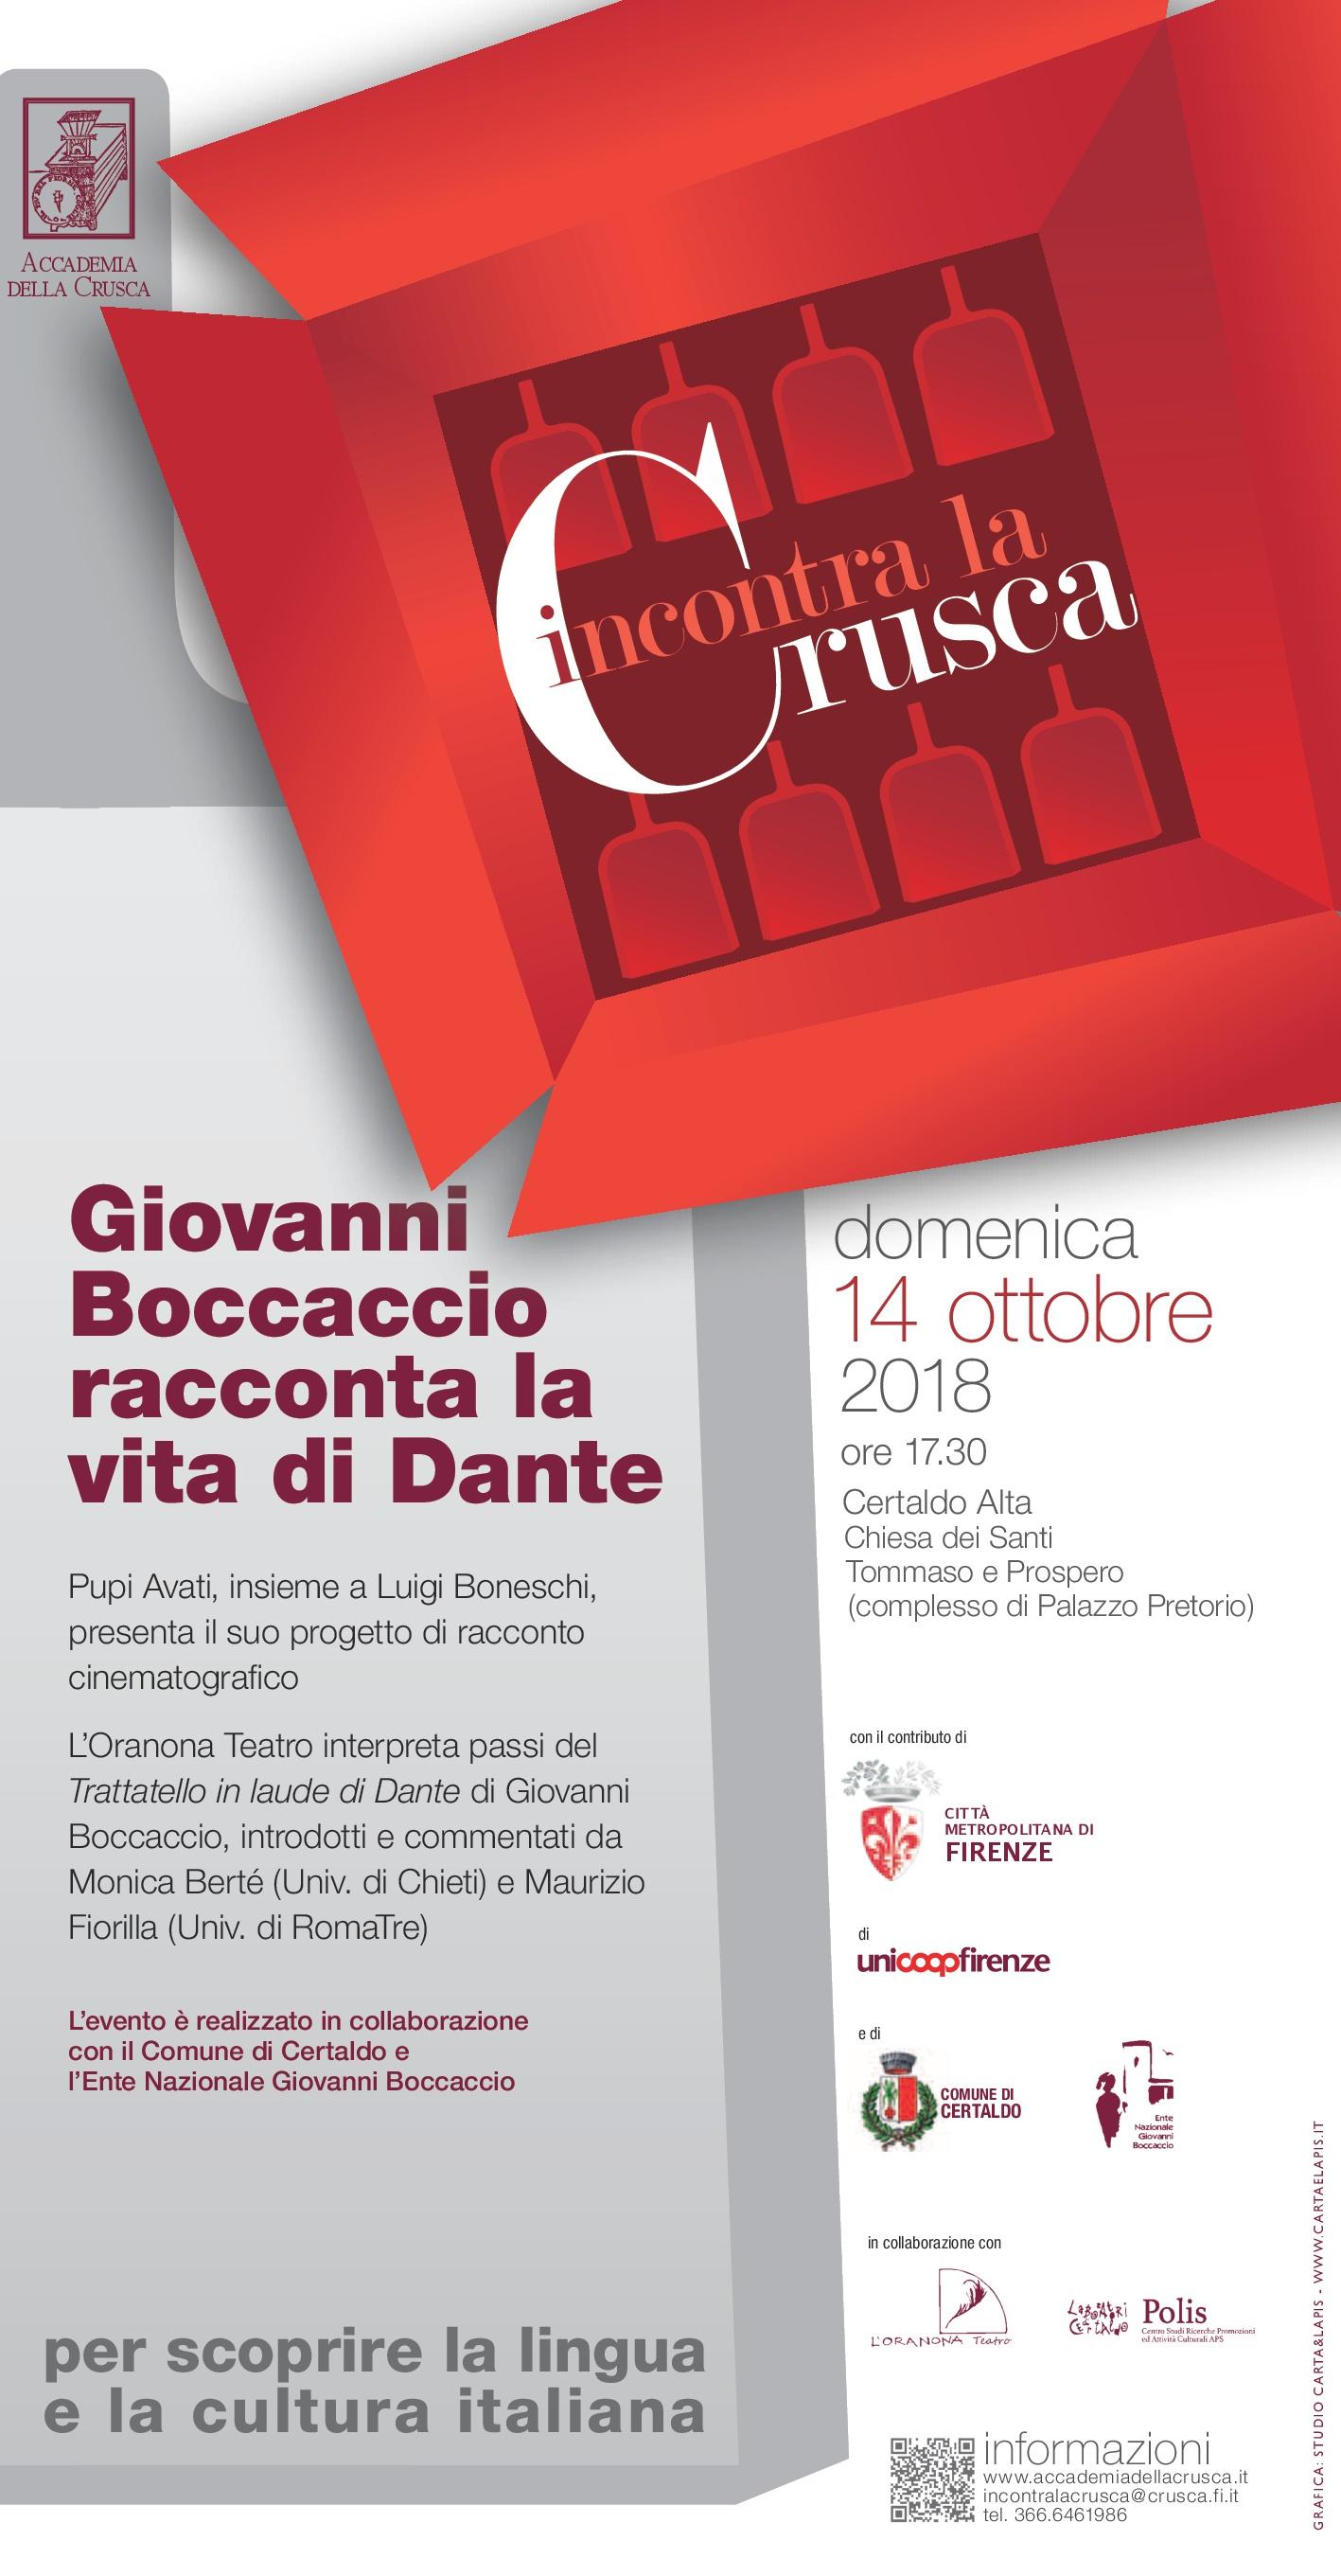 Boccaccio racconta la vita di Dante, Incontra la Crusca (Certaldo)-001